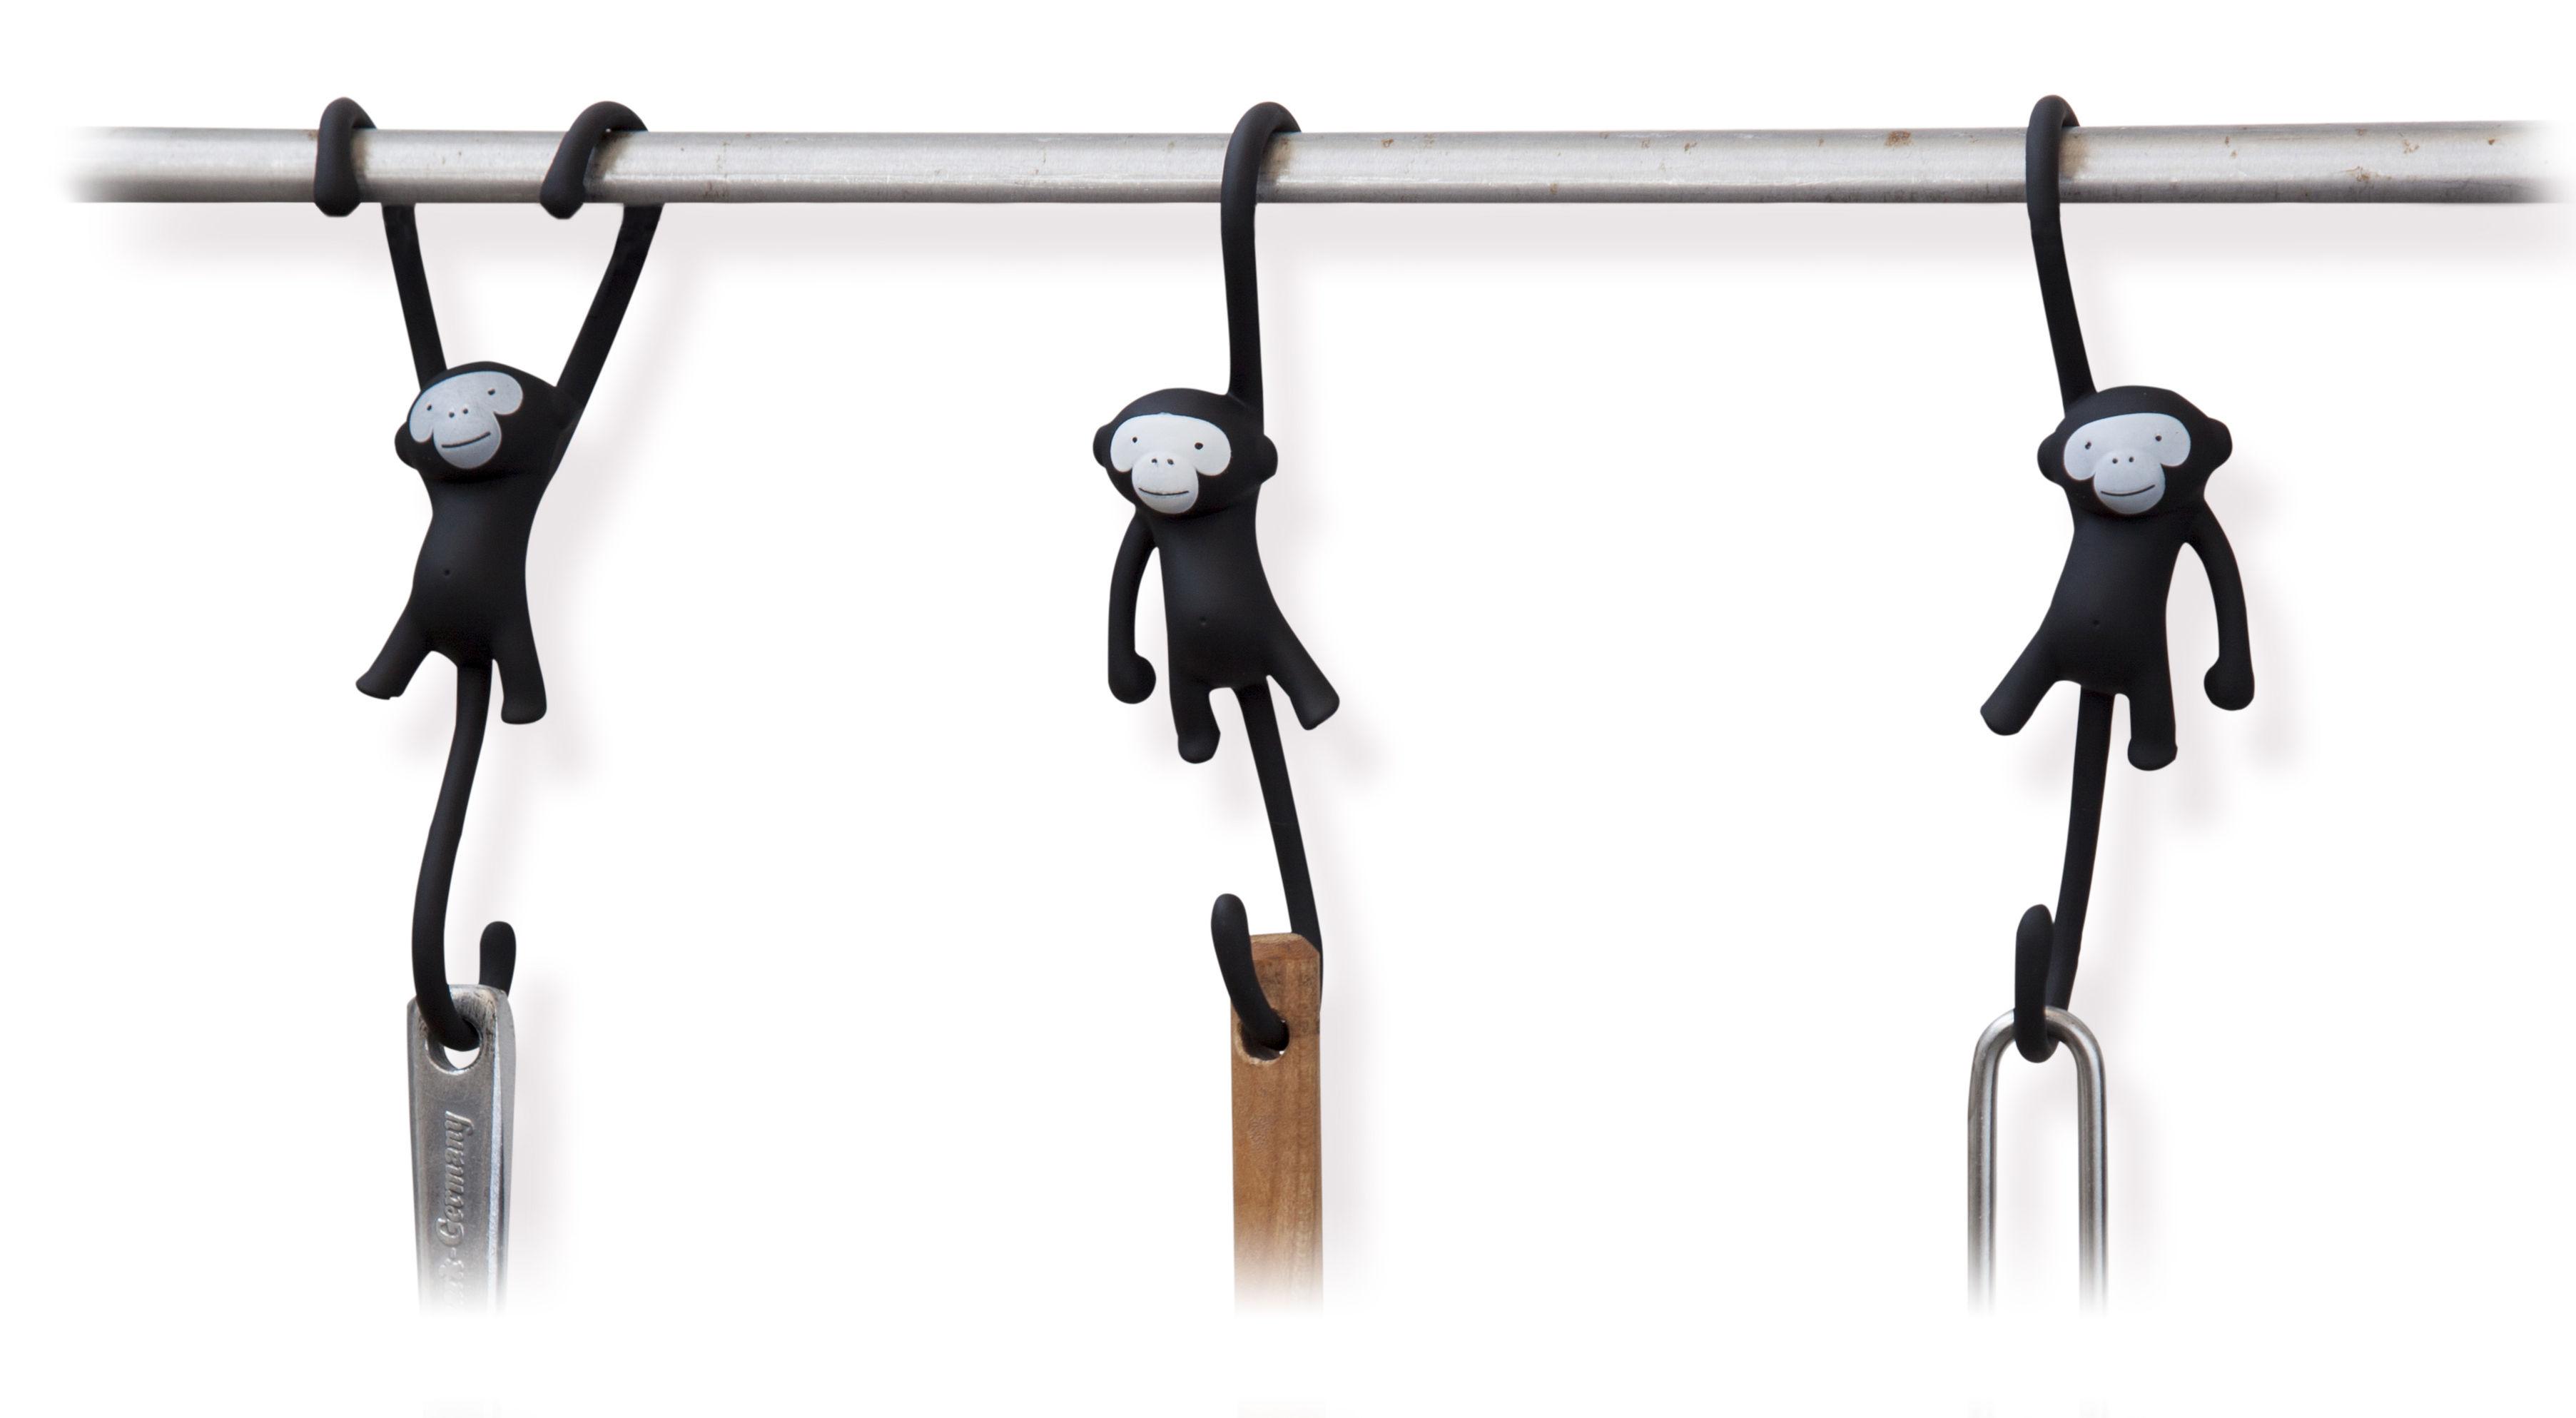 Accessoires - Accessoires salle de bains - Crochet Just hanging / Lot de 3 - Pa Design - Noir - Matière plastique